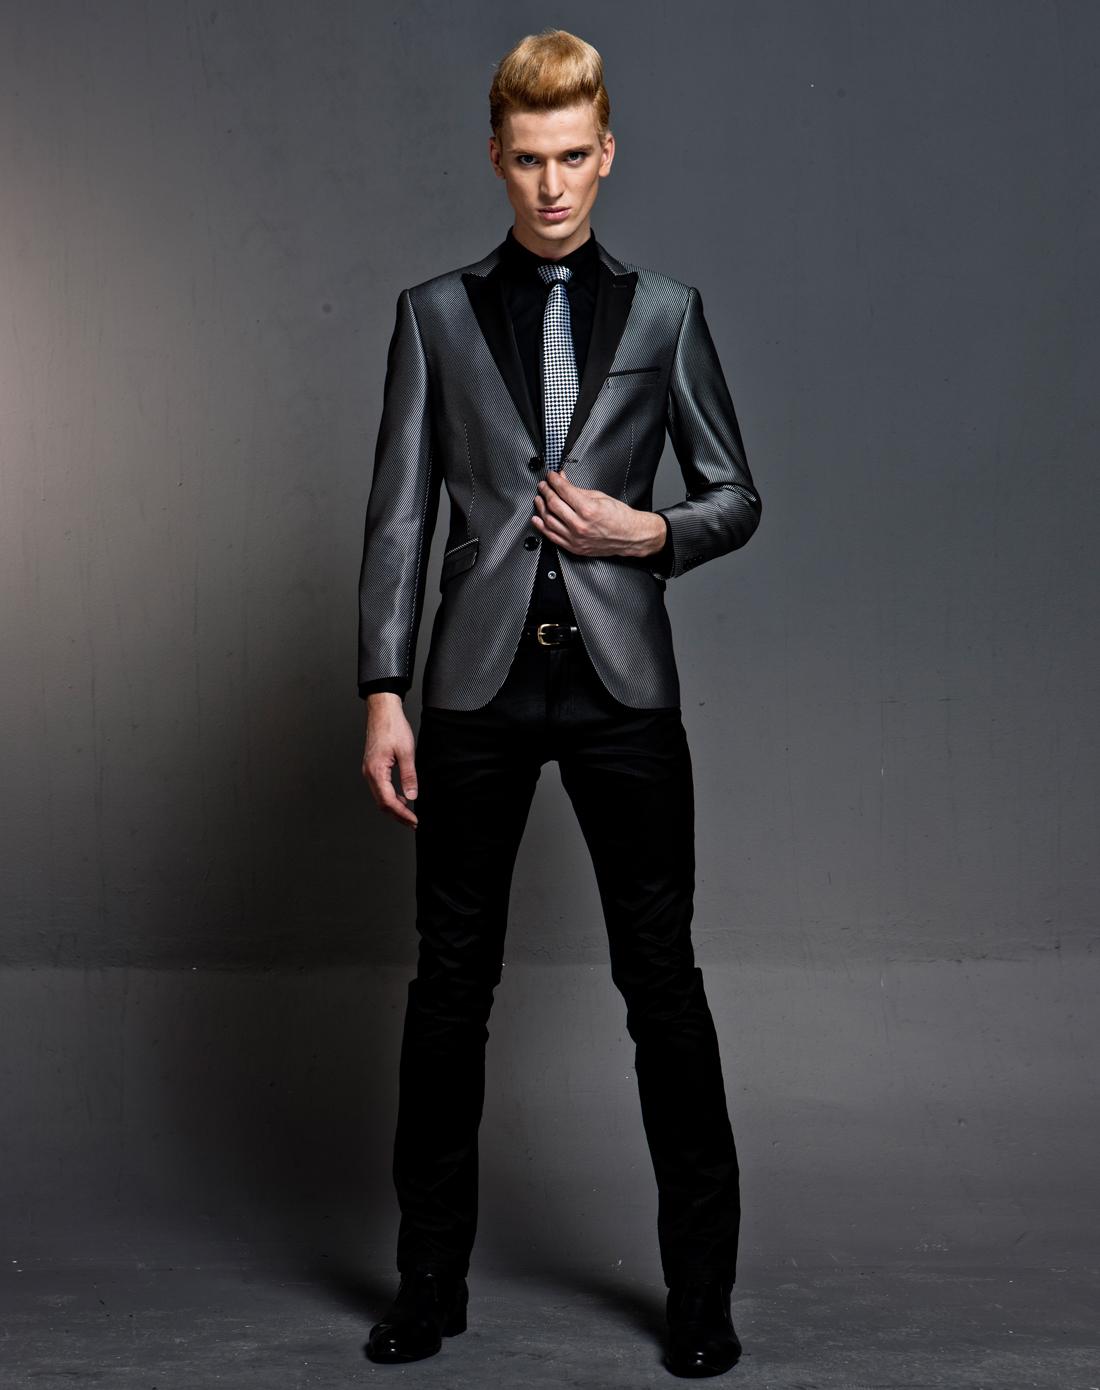 潮商务系列英伦绅士风黑灰色时尚西装